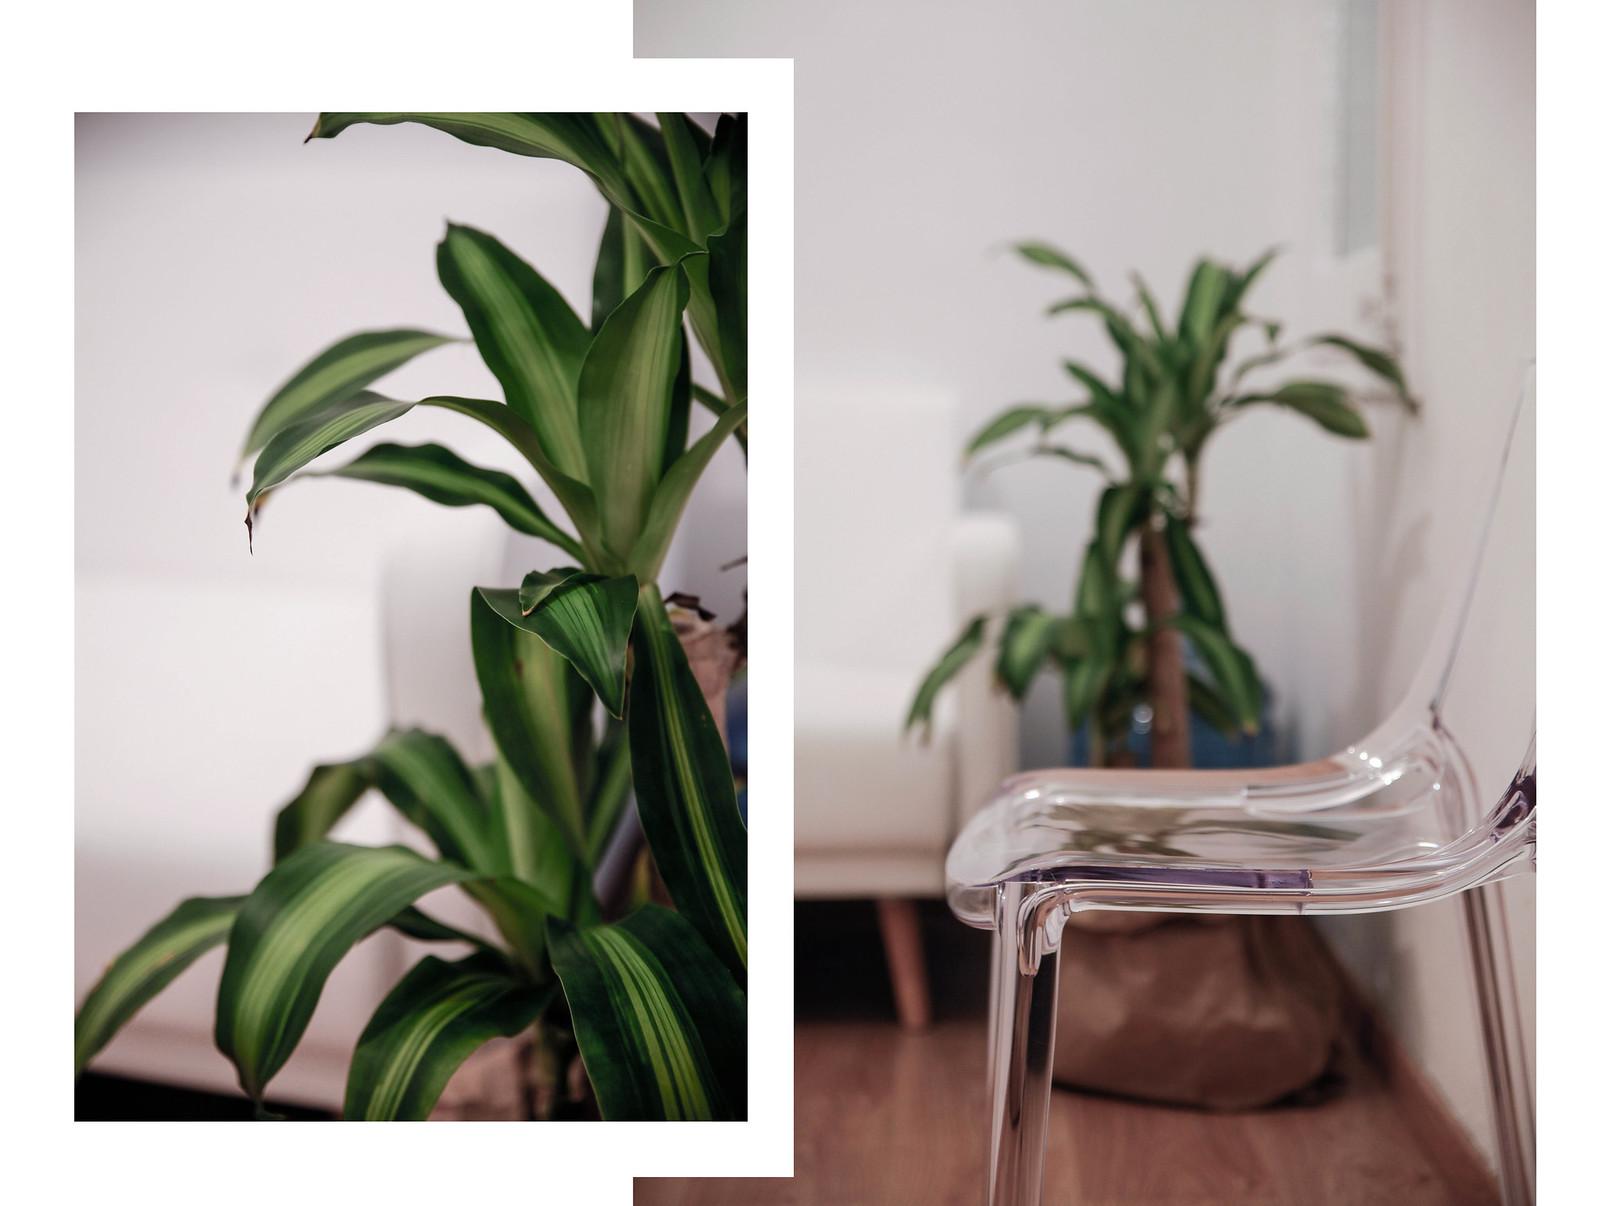 011_kavehome_decoración_y_muebles_theguestgirl_home_adictik_hq_barcelona